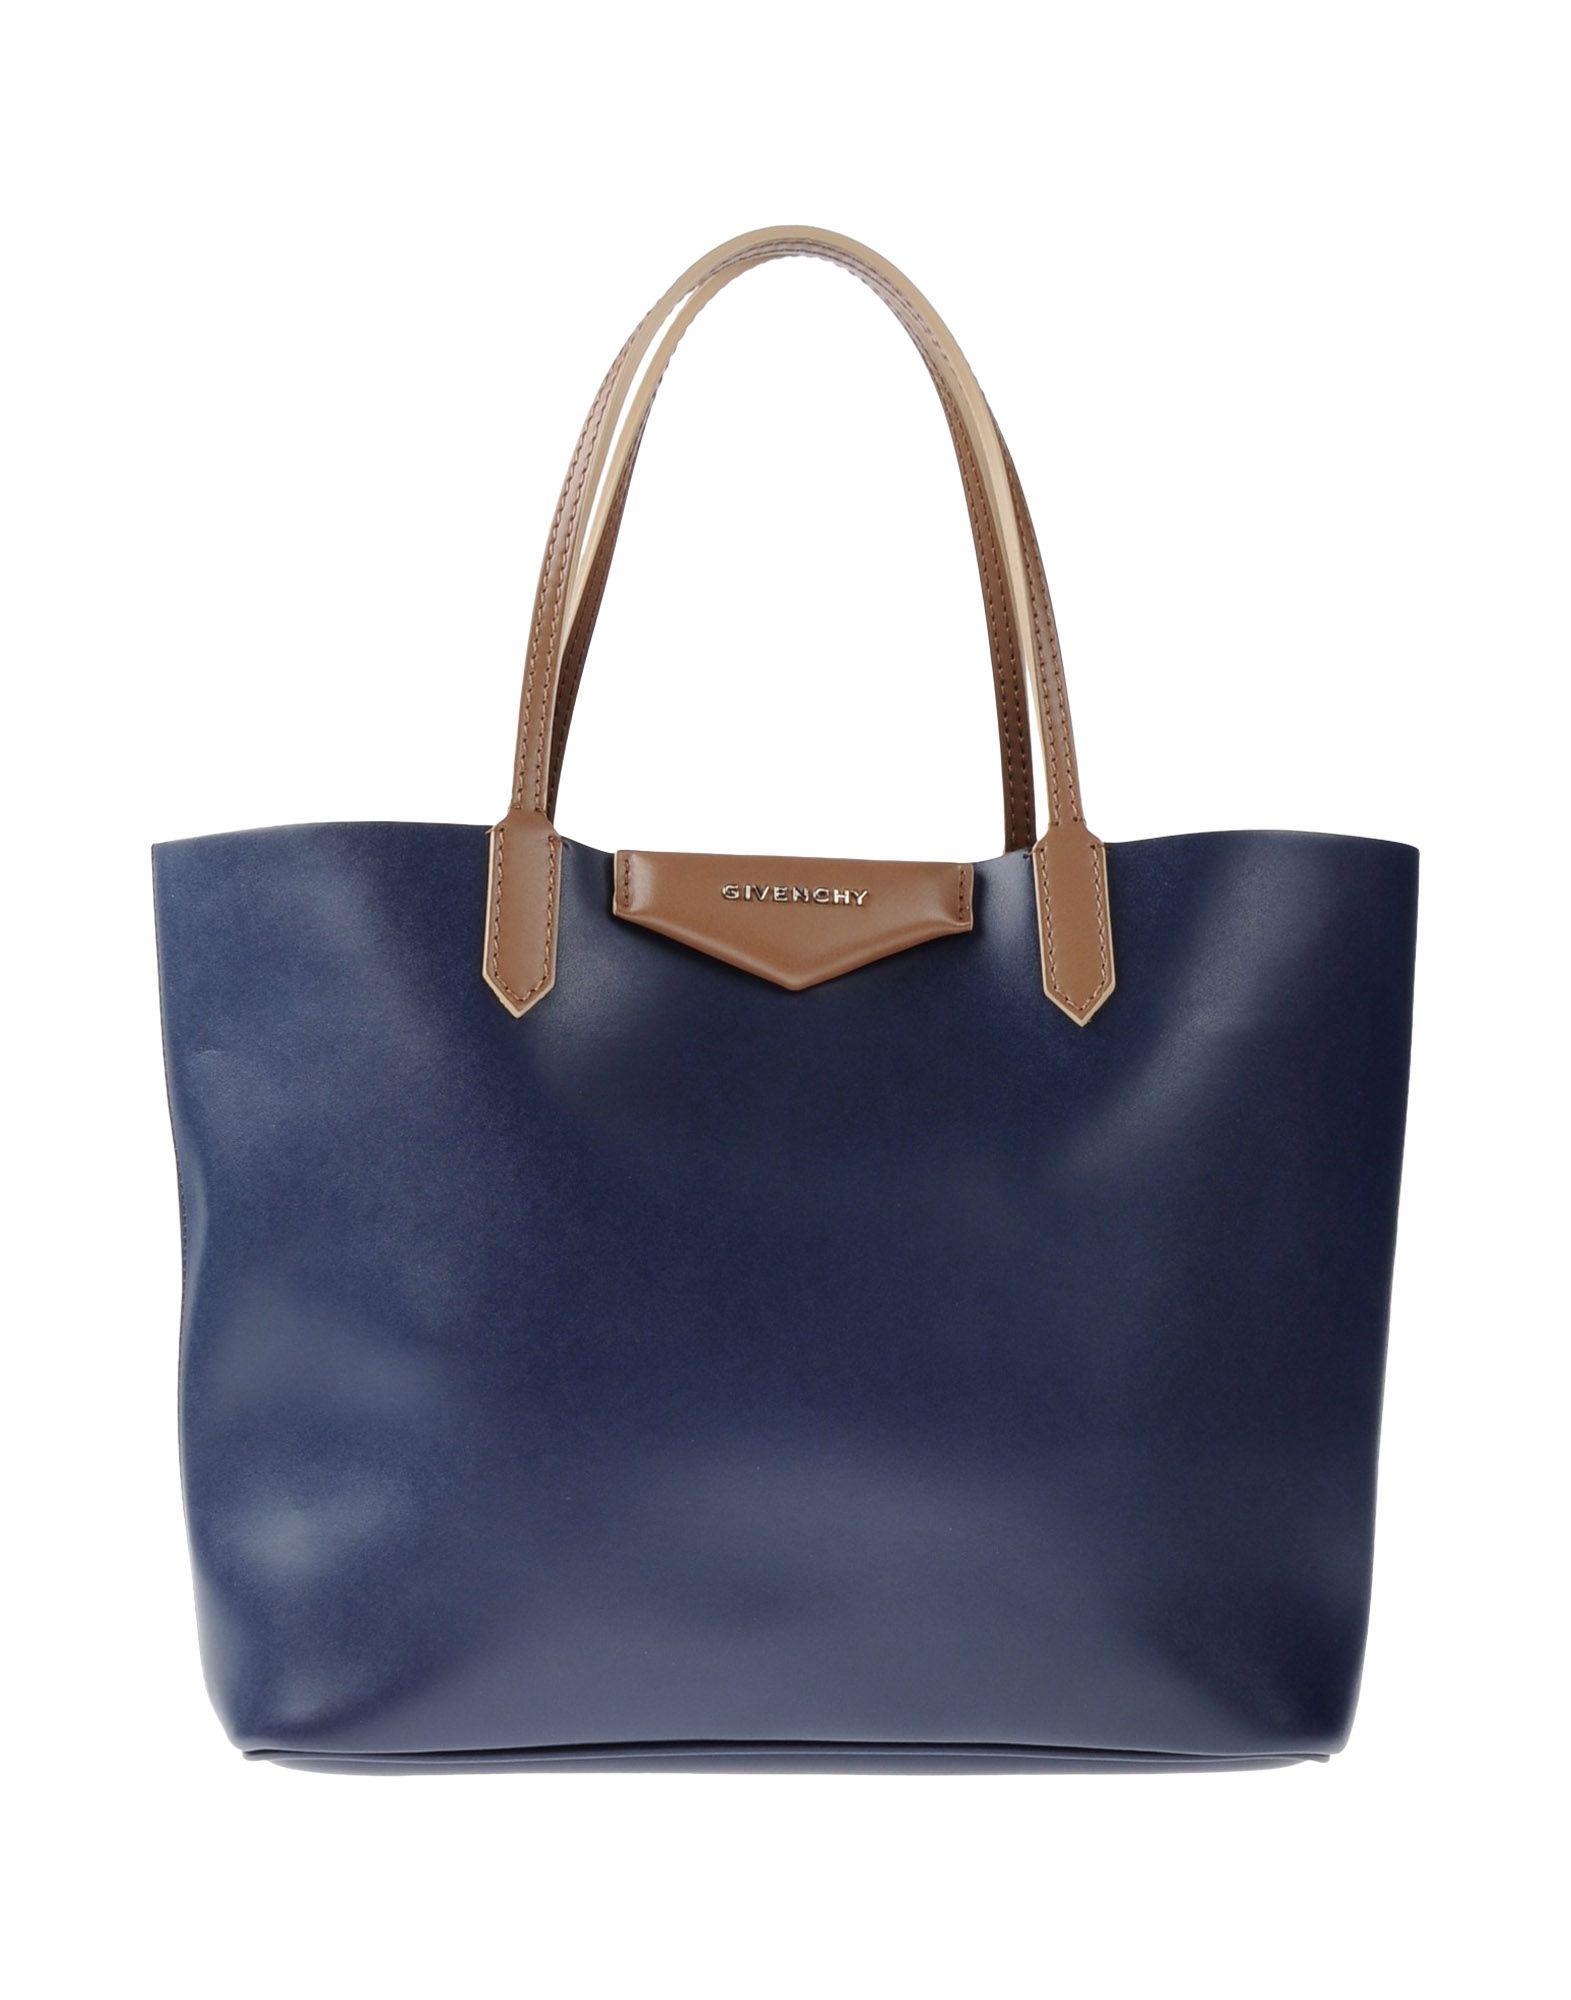 GIVENCHY Damen Handtaschen Farbe Blau Größe 1